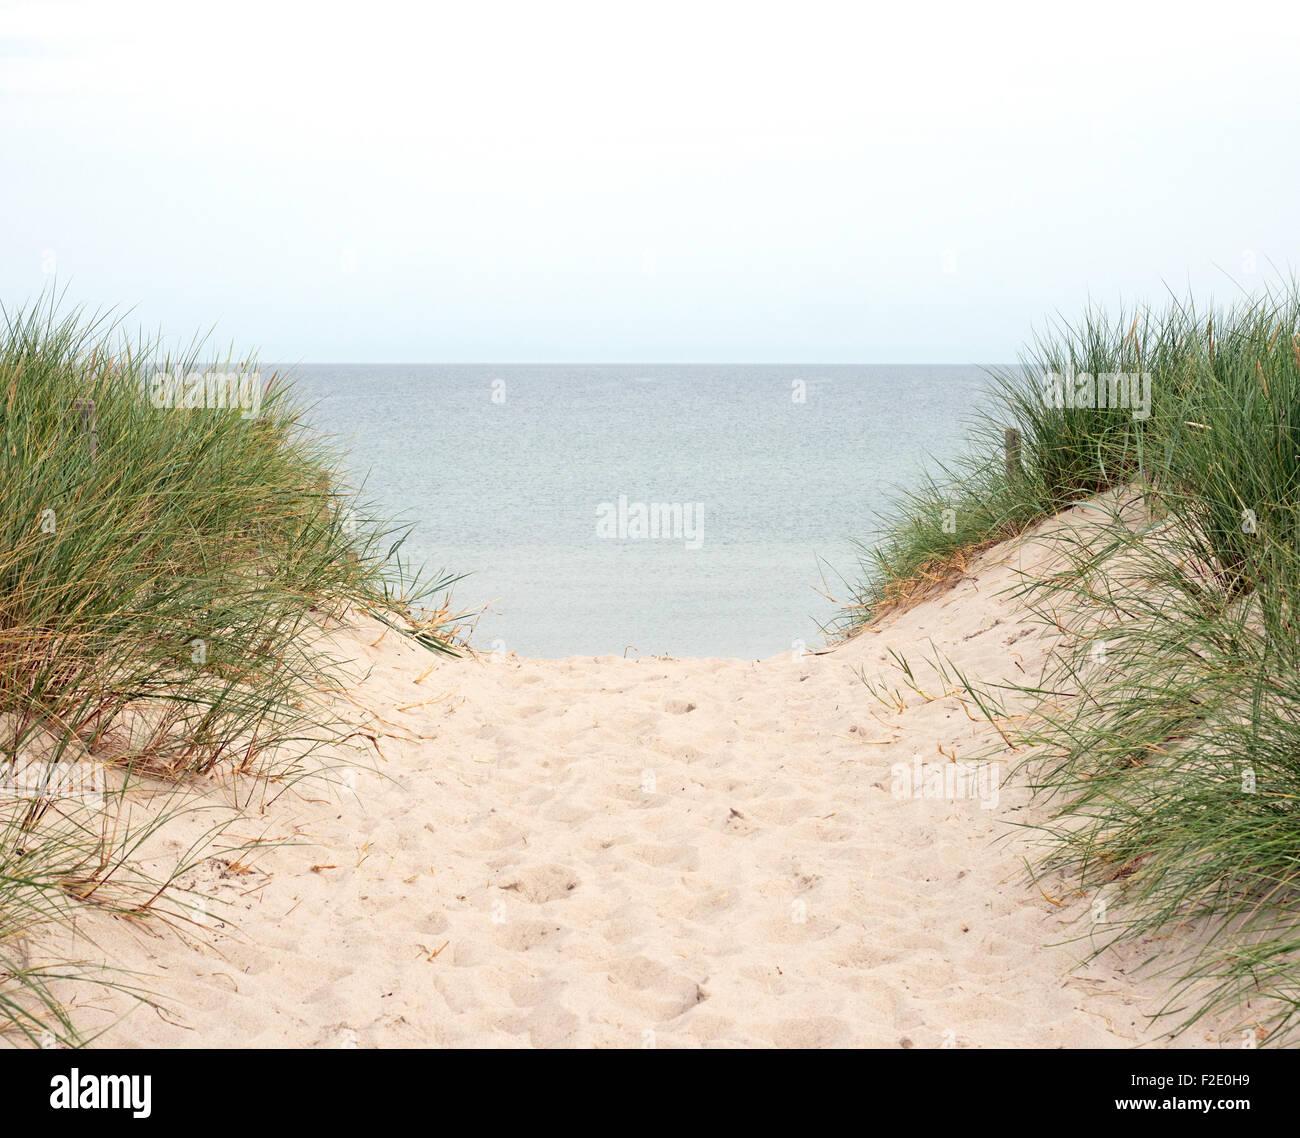 Strandübergang an der Ostsee - Stock Image